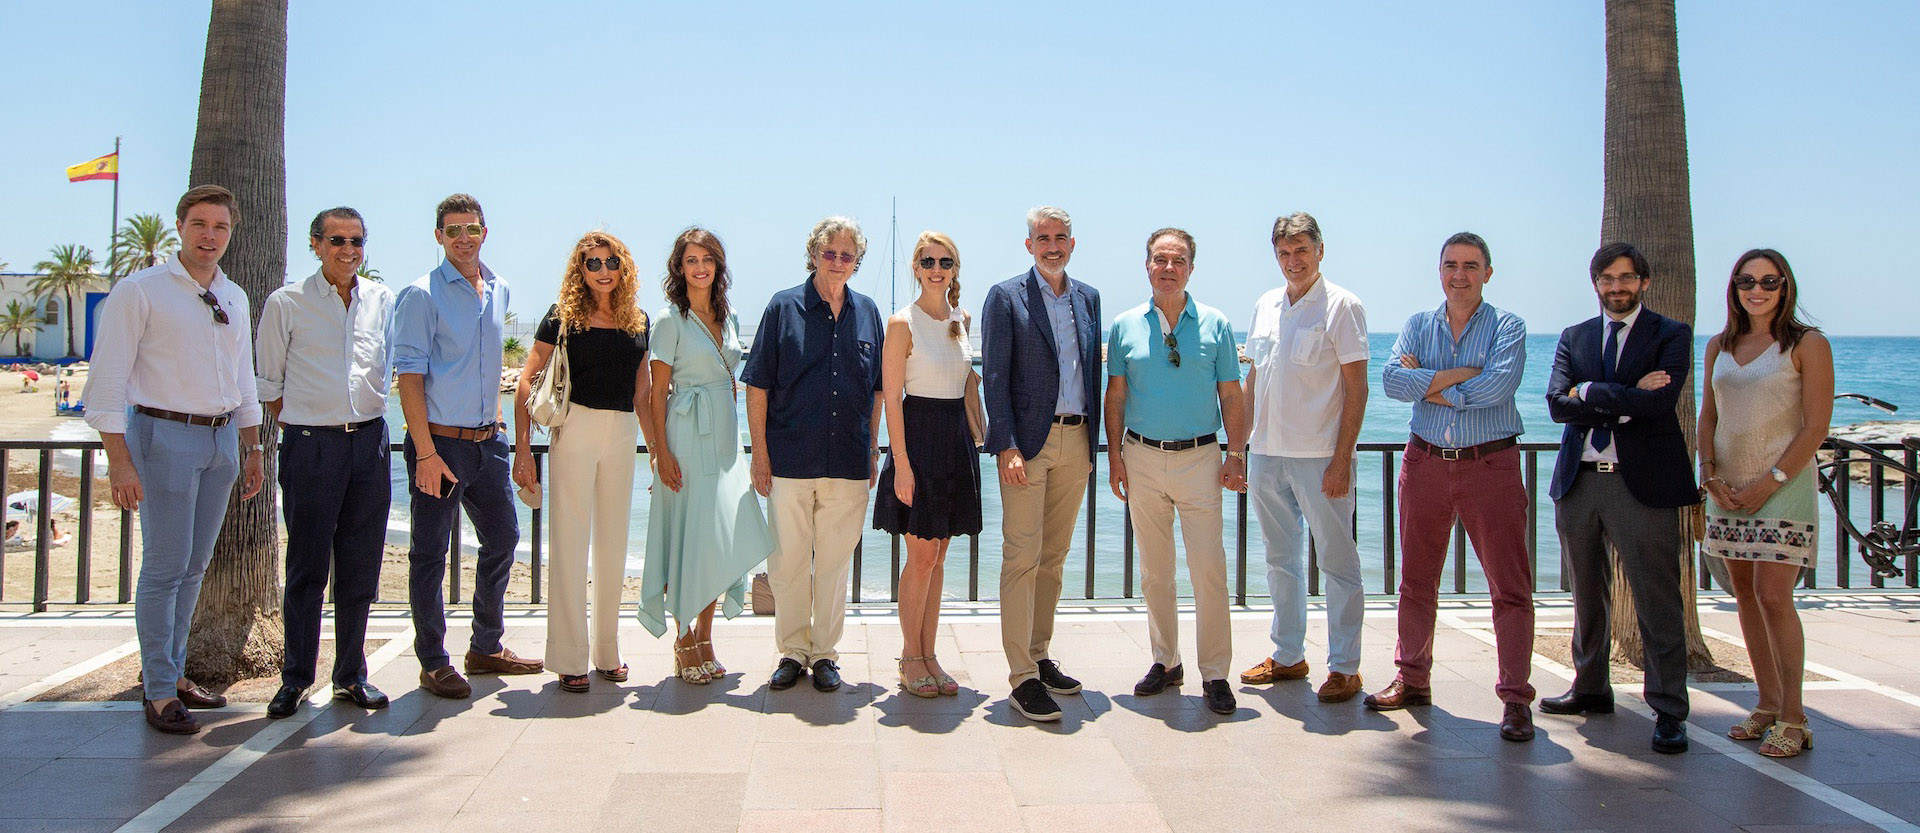 LPA - Leading Property Agents in Spain - Foto de Grupo